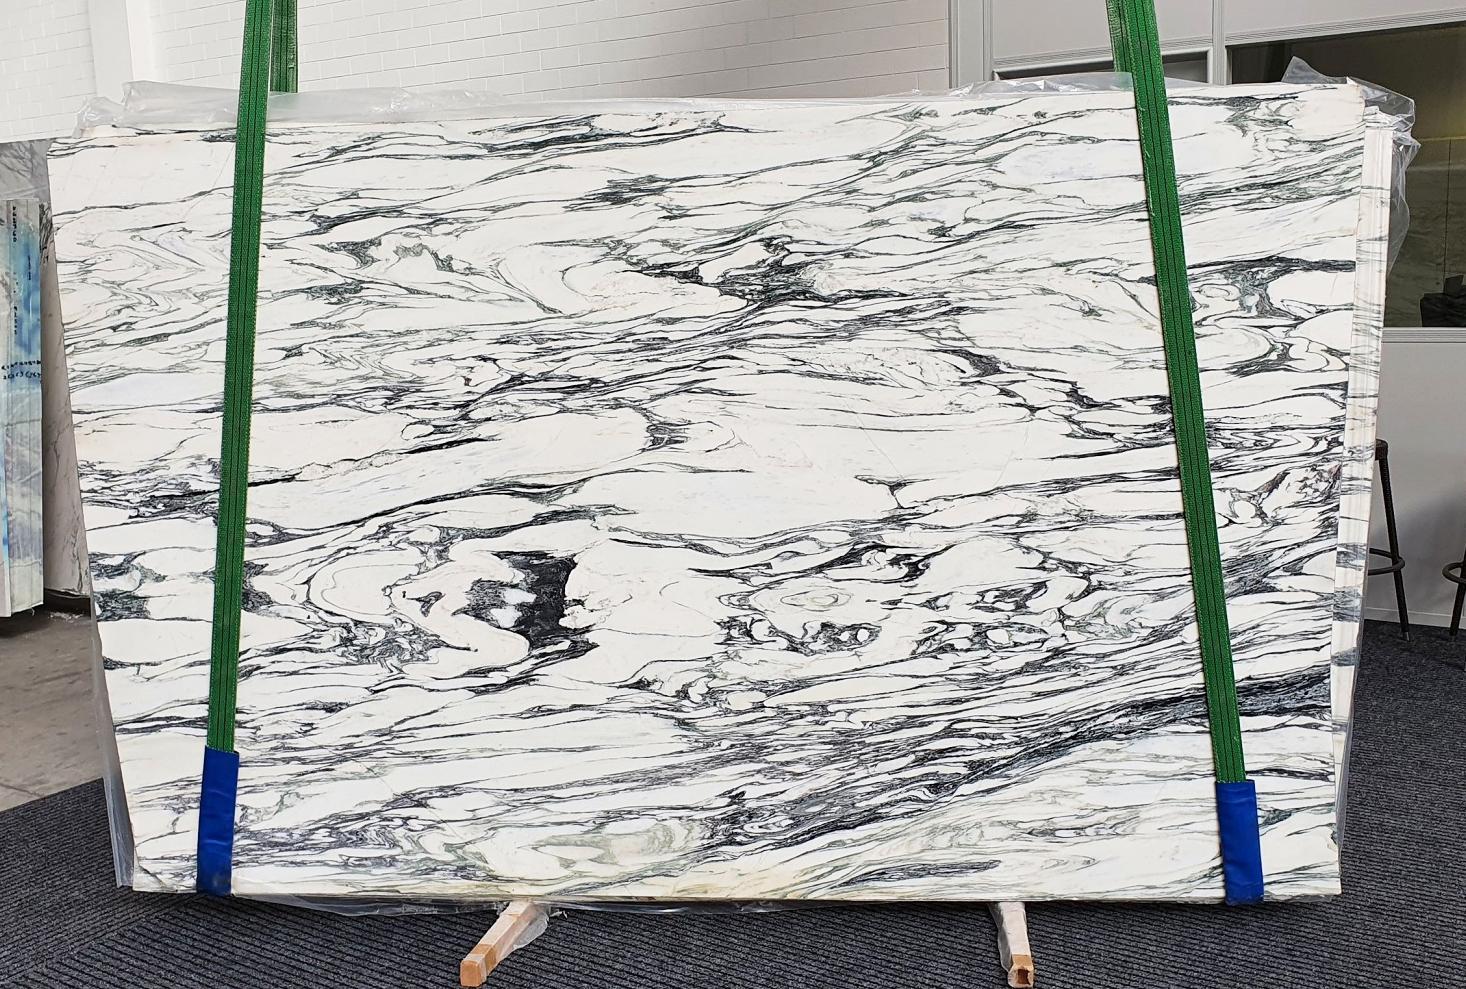 FANTASTICO ARNI Suministro Verona (Italia) de planchas pulidas en mármol natural 1190 , Bund #5-33